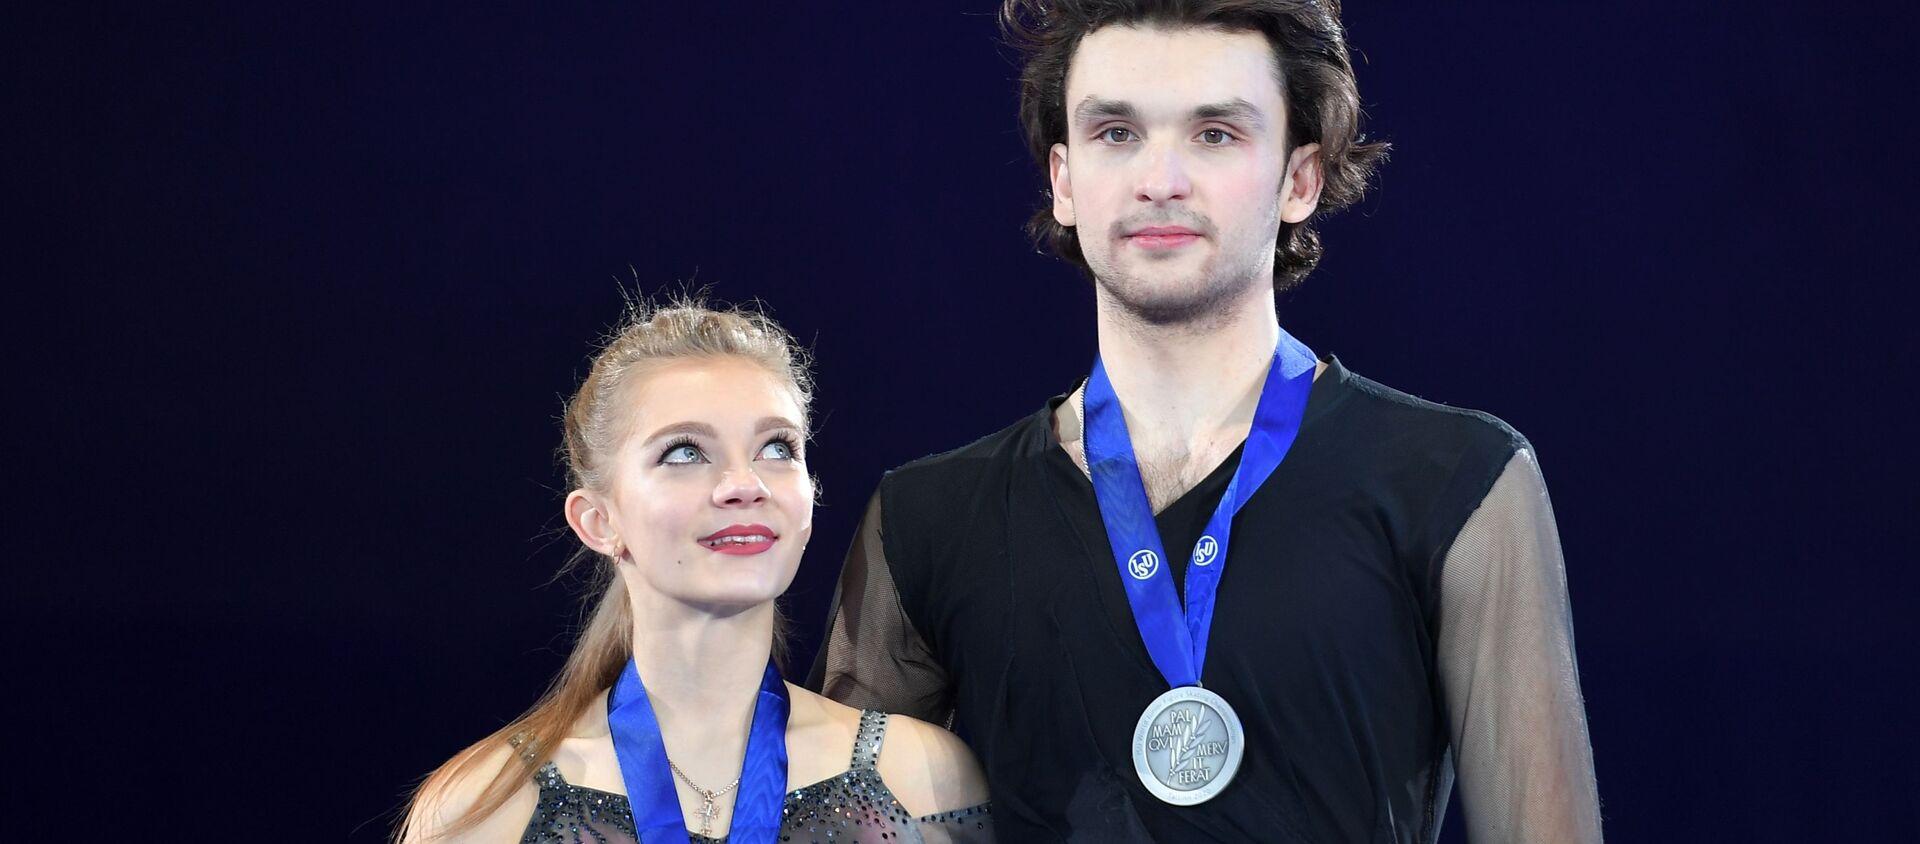 Мария Казакова и Георгий Ревия (Грузия), завоевавшие серебряные медали в соревнования в танцах на льду на чемпионате мира  - Sputnik Грузия, 1920, 08.03.2020